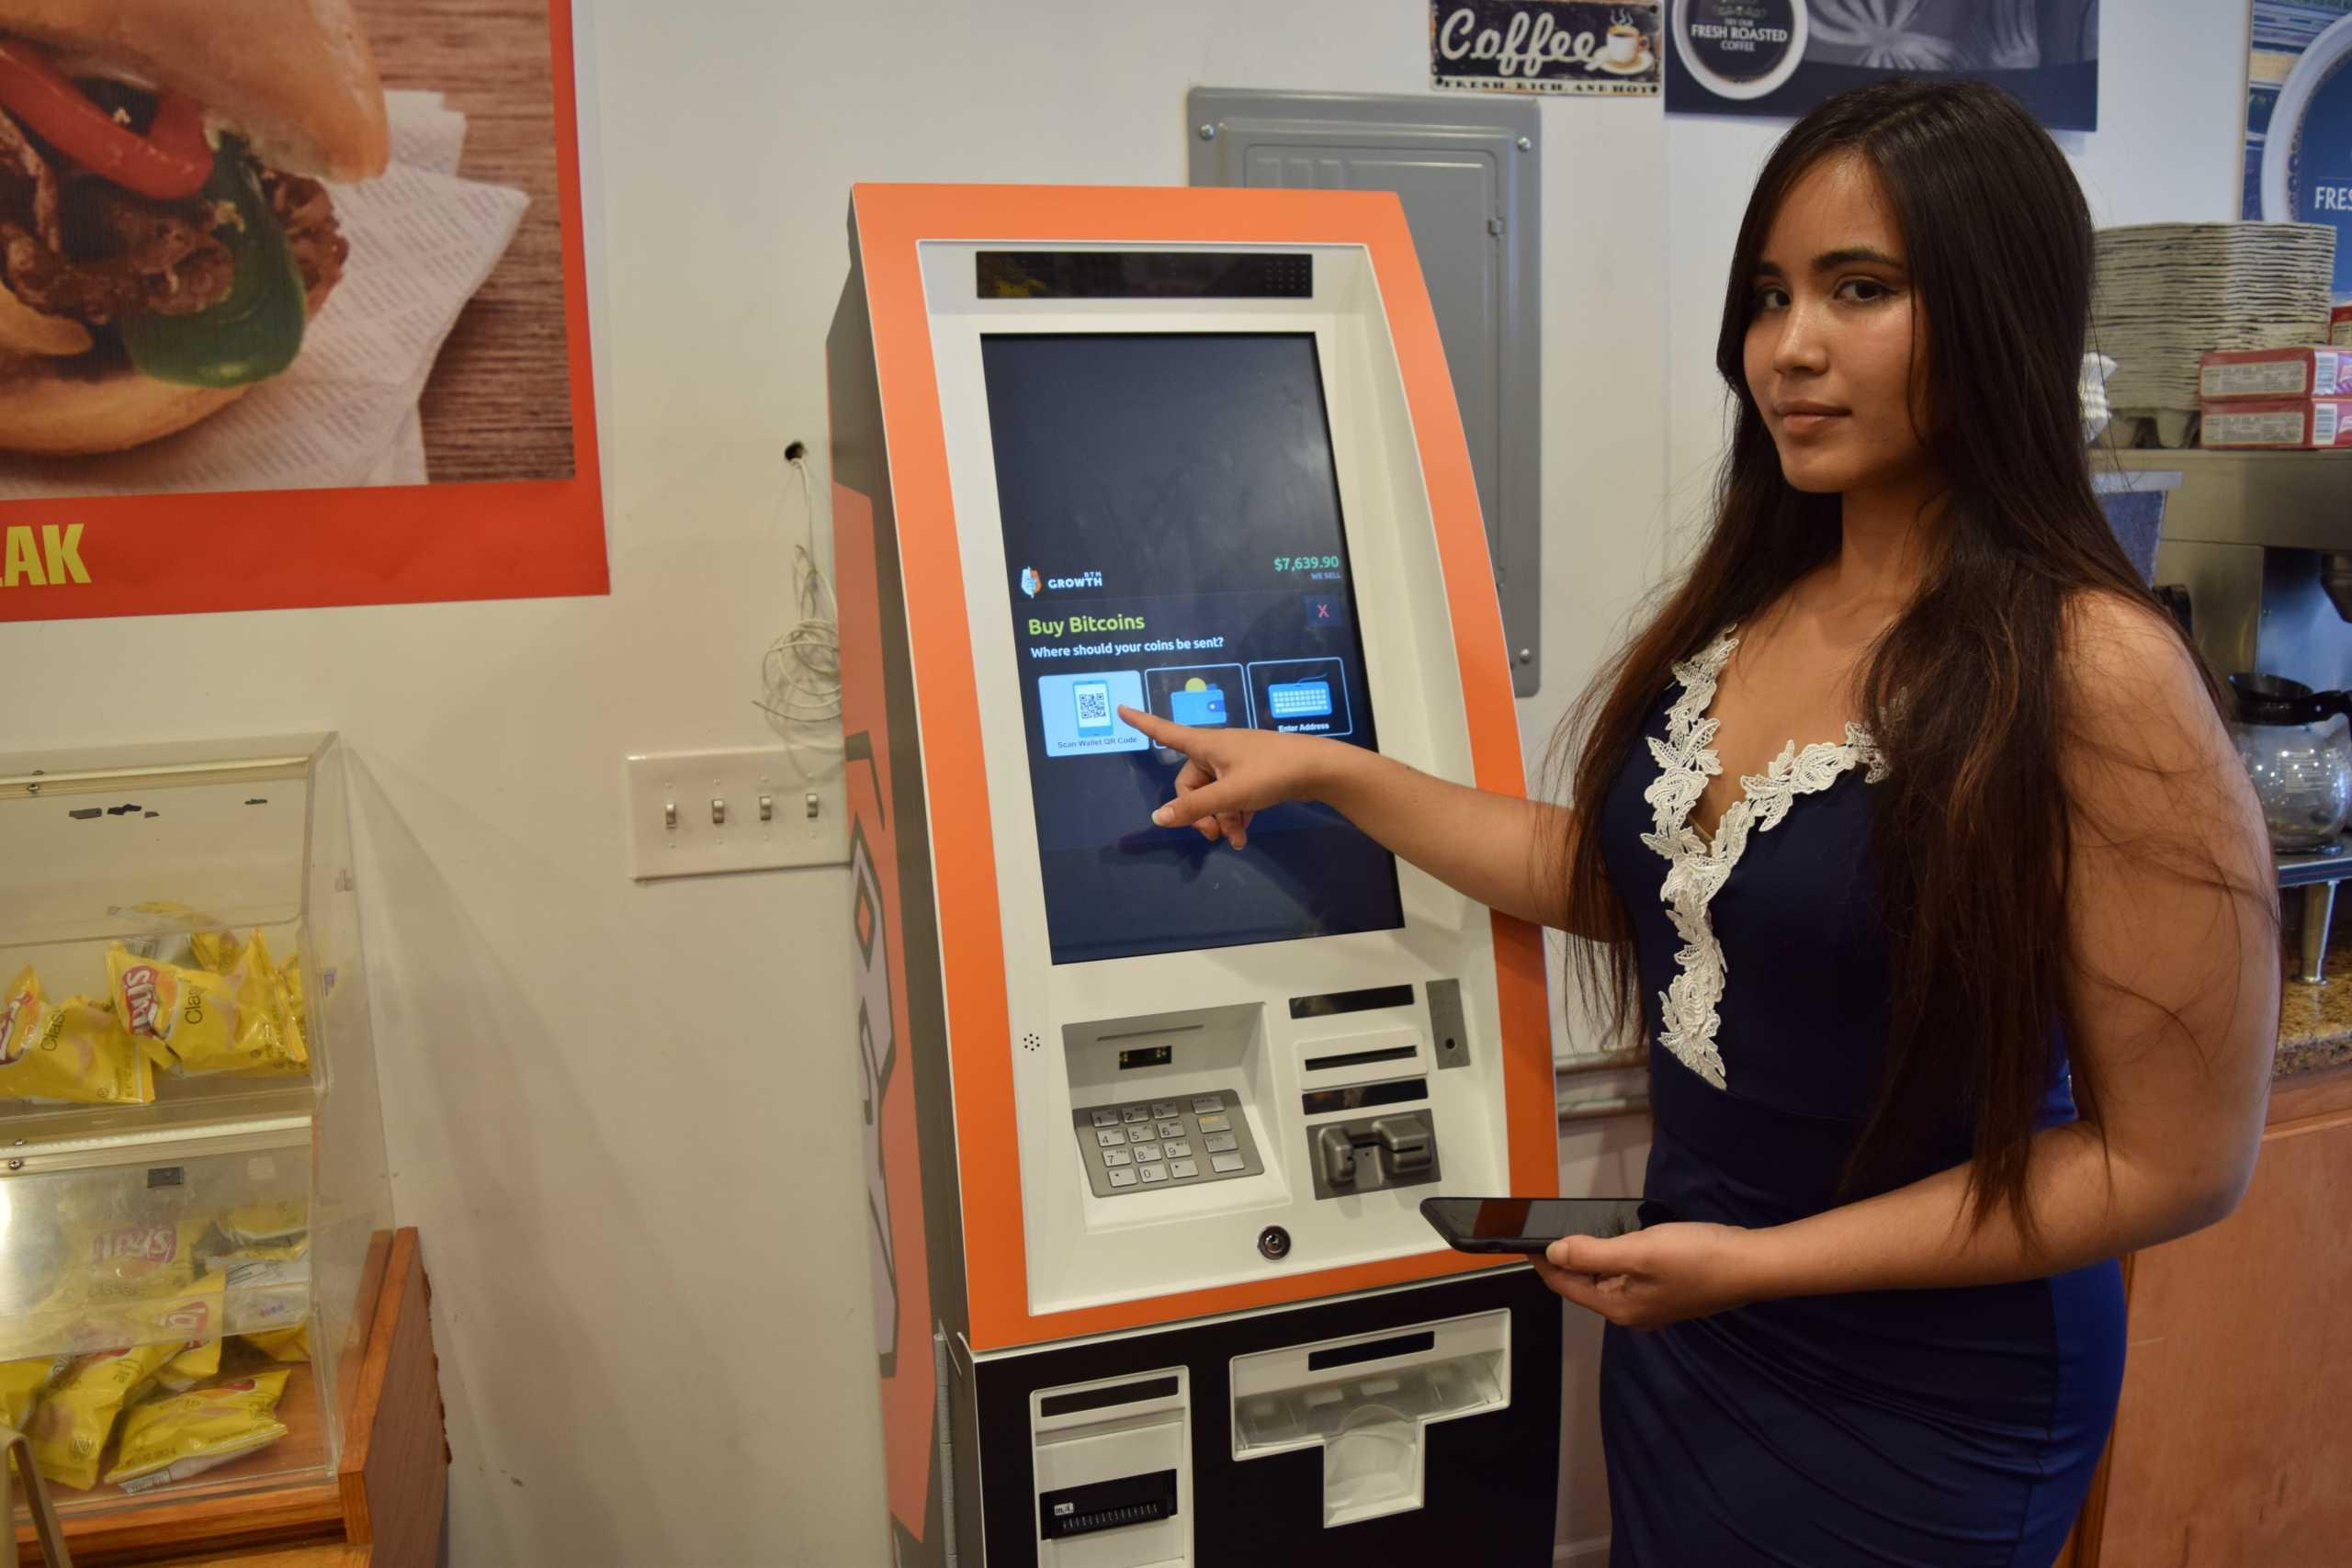 A Bitcoin ATM használatának nagy előnyei - Szponzorált Bitcoin hírek | programok-budapest.hu